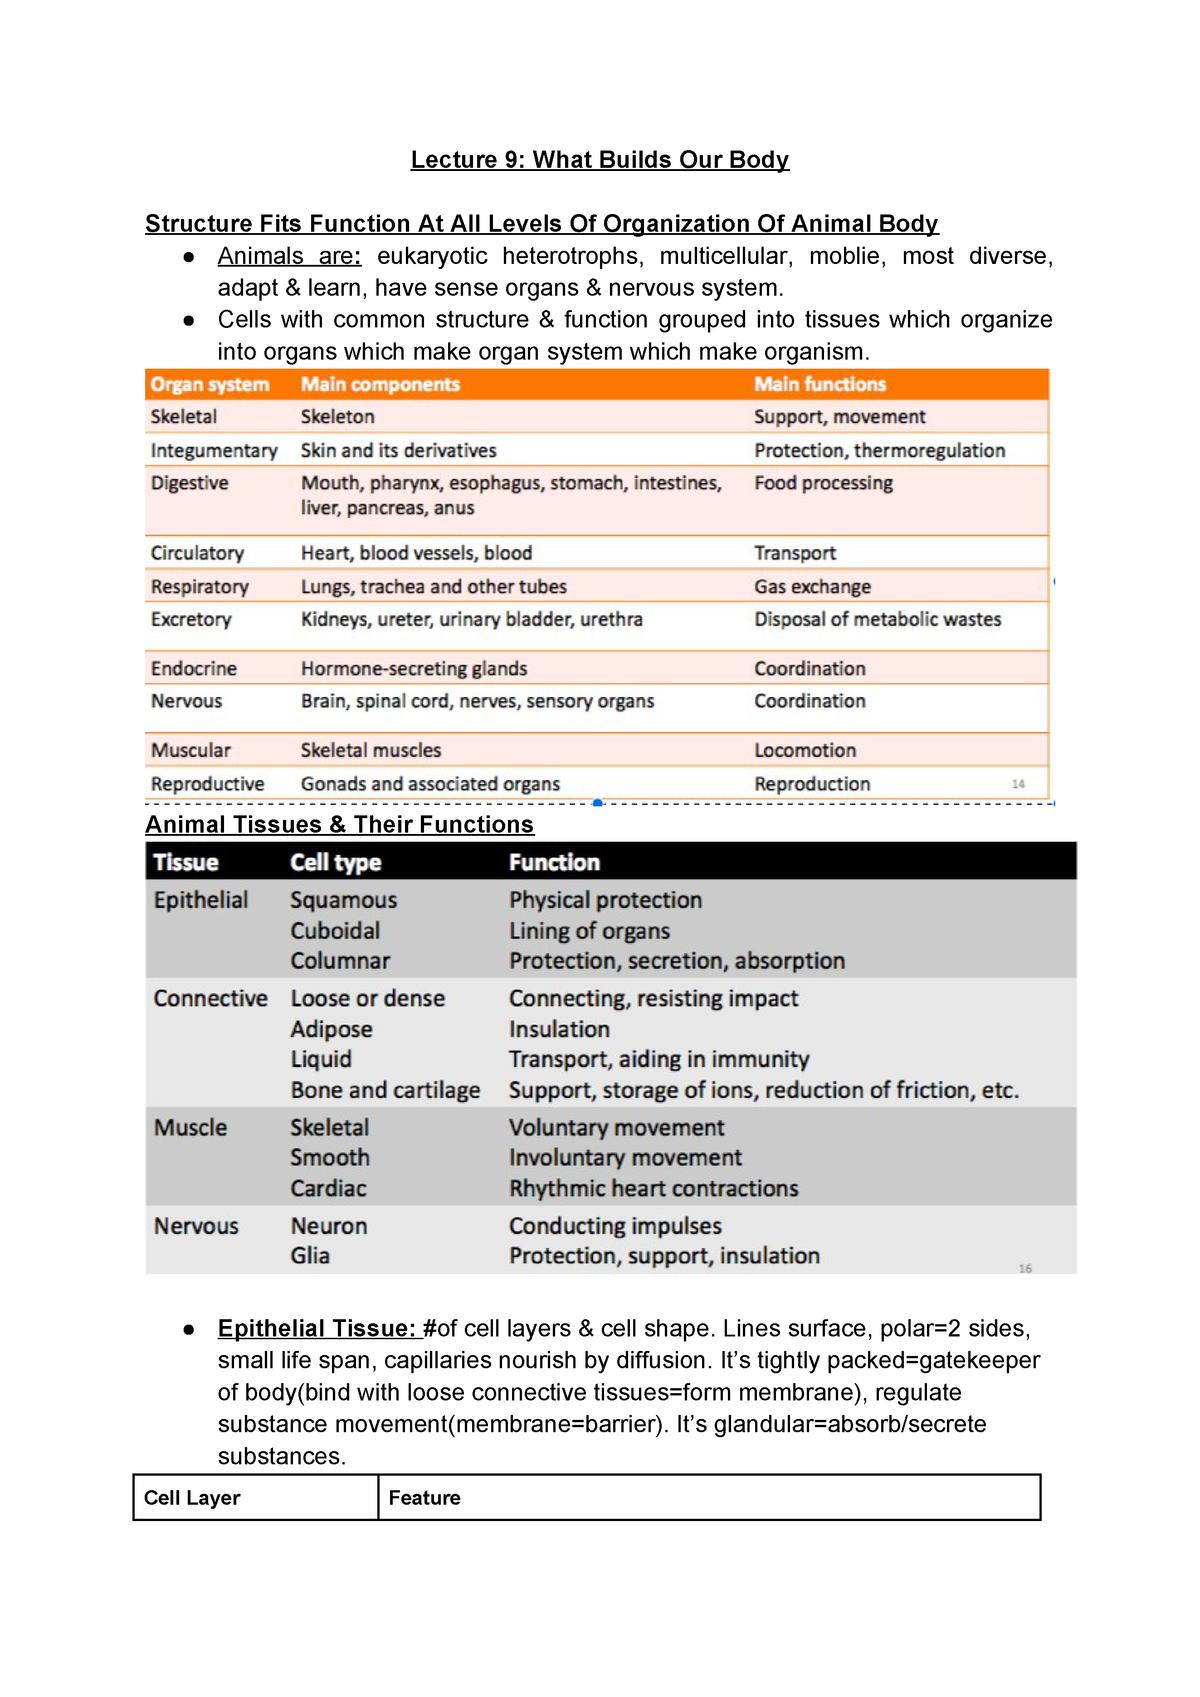 BISC 101 Notes-2 - ivona - Bisc 101: General Biology - StuDocu